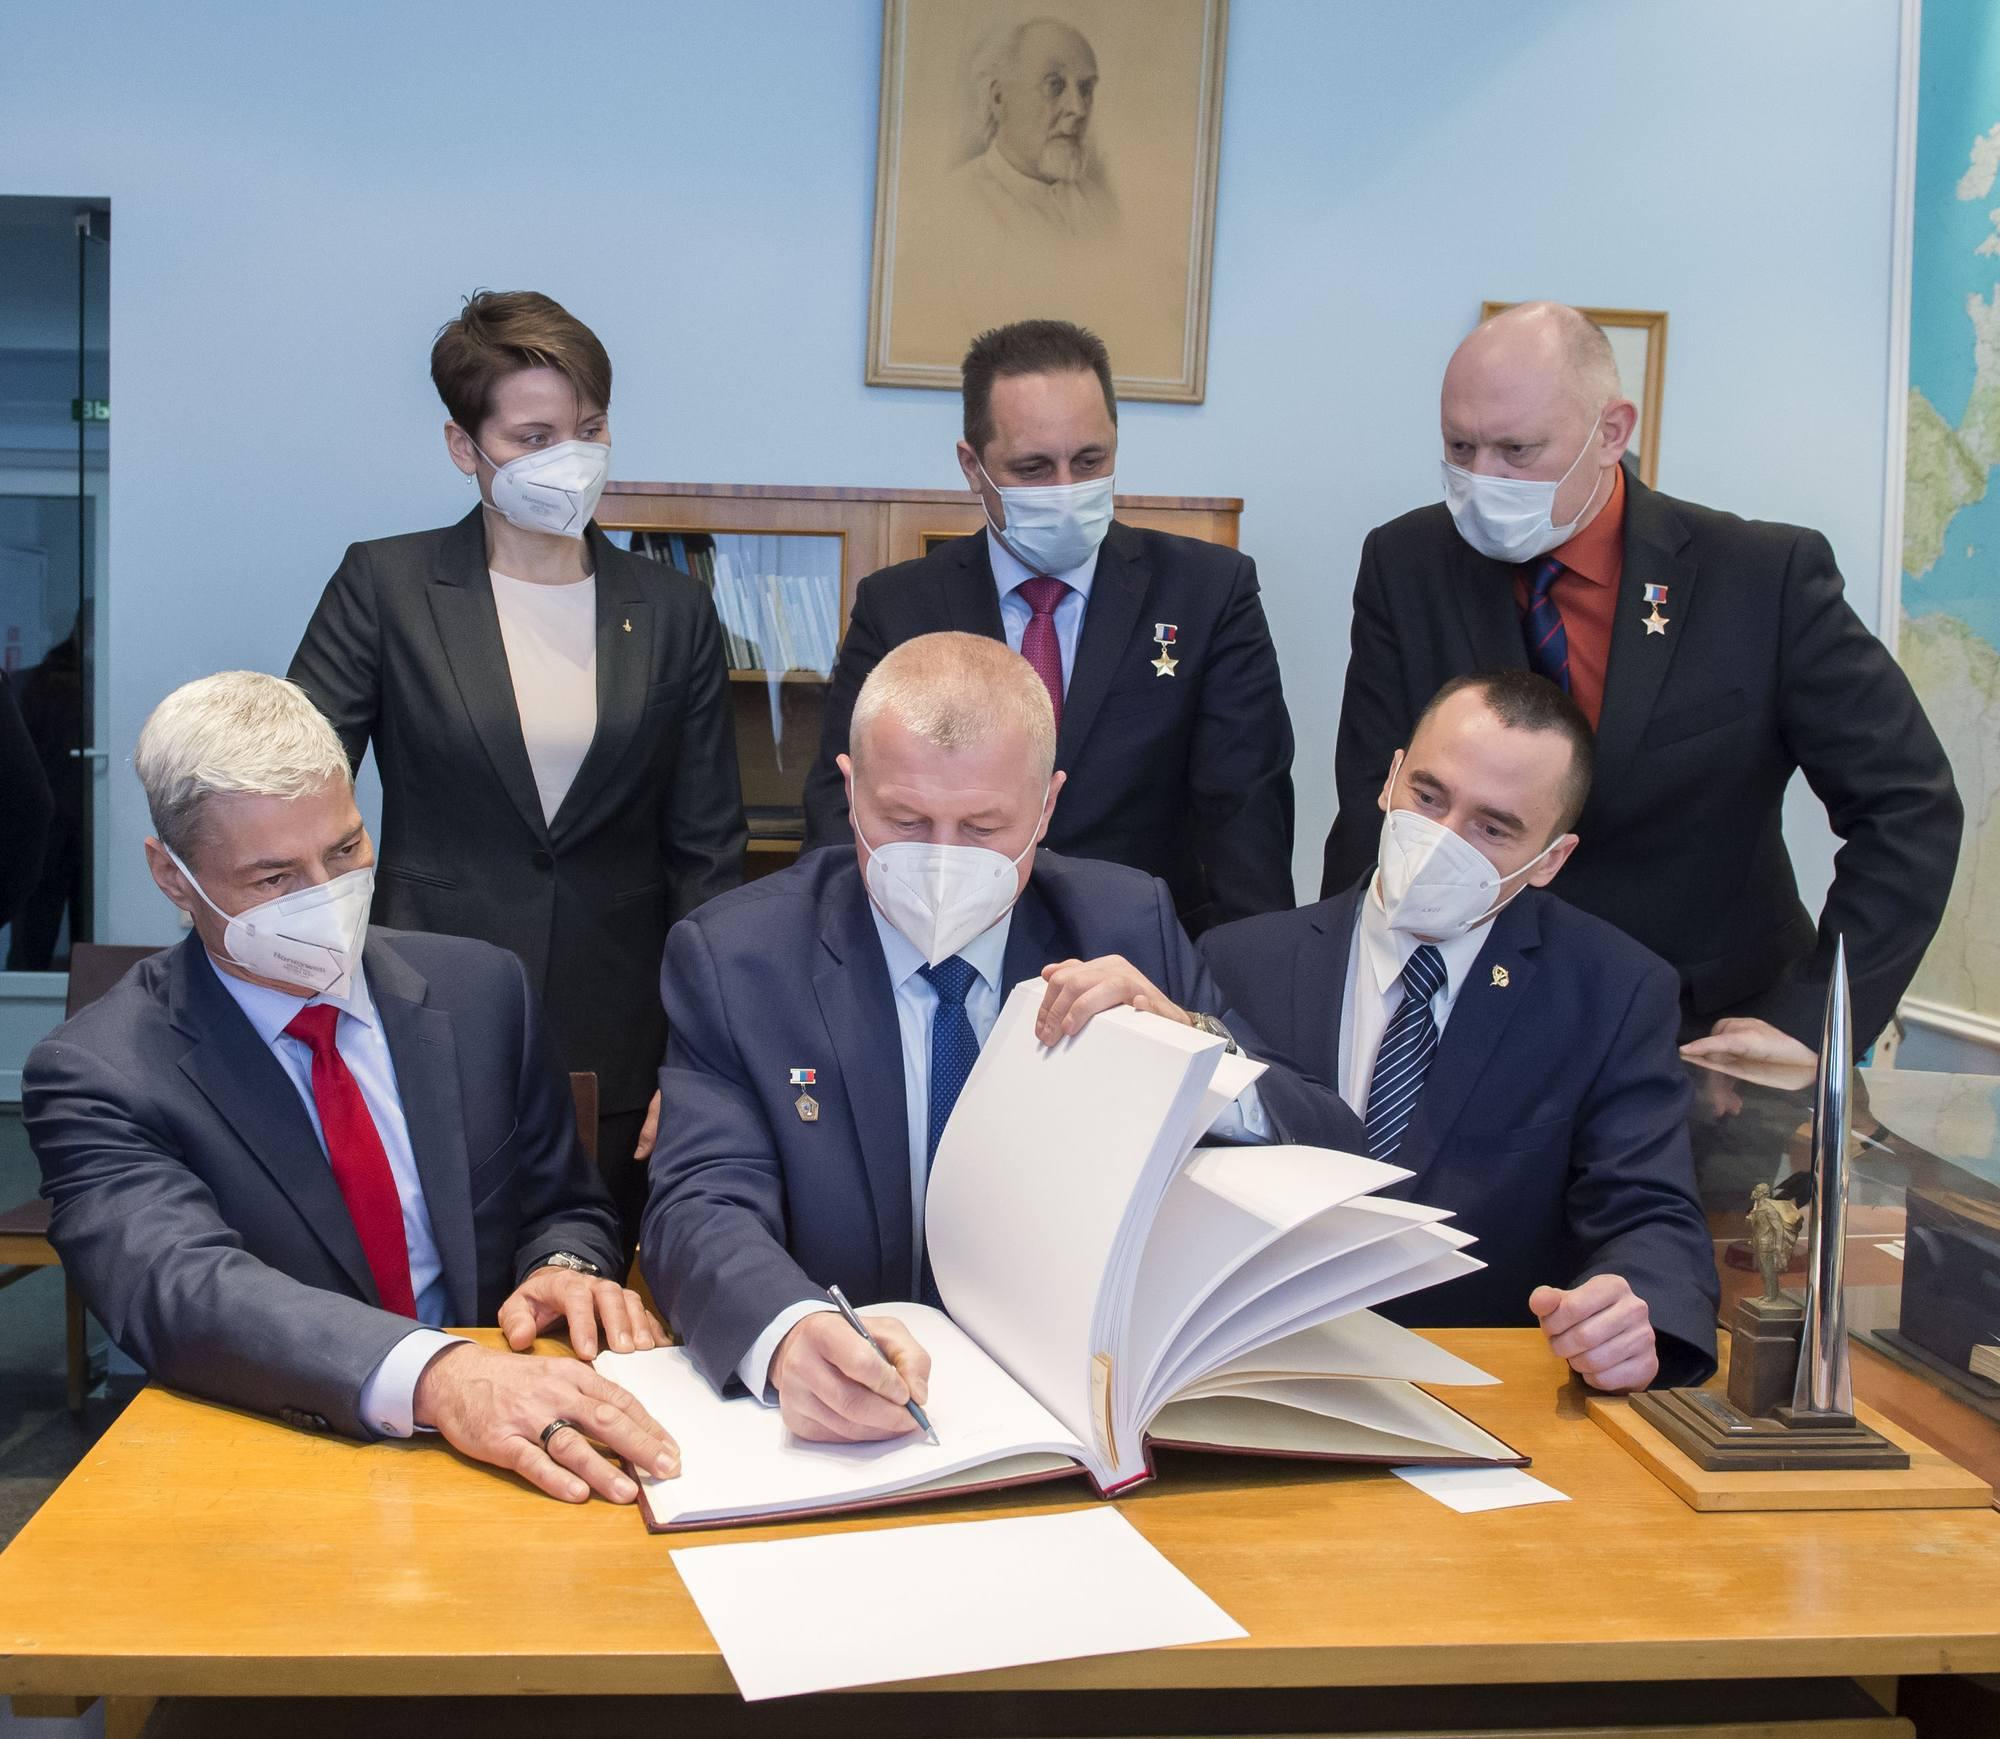 Signature du livre d'or dans le bureau commémoratif de Youri Gagarine au musée du TsPK.